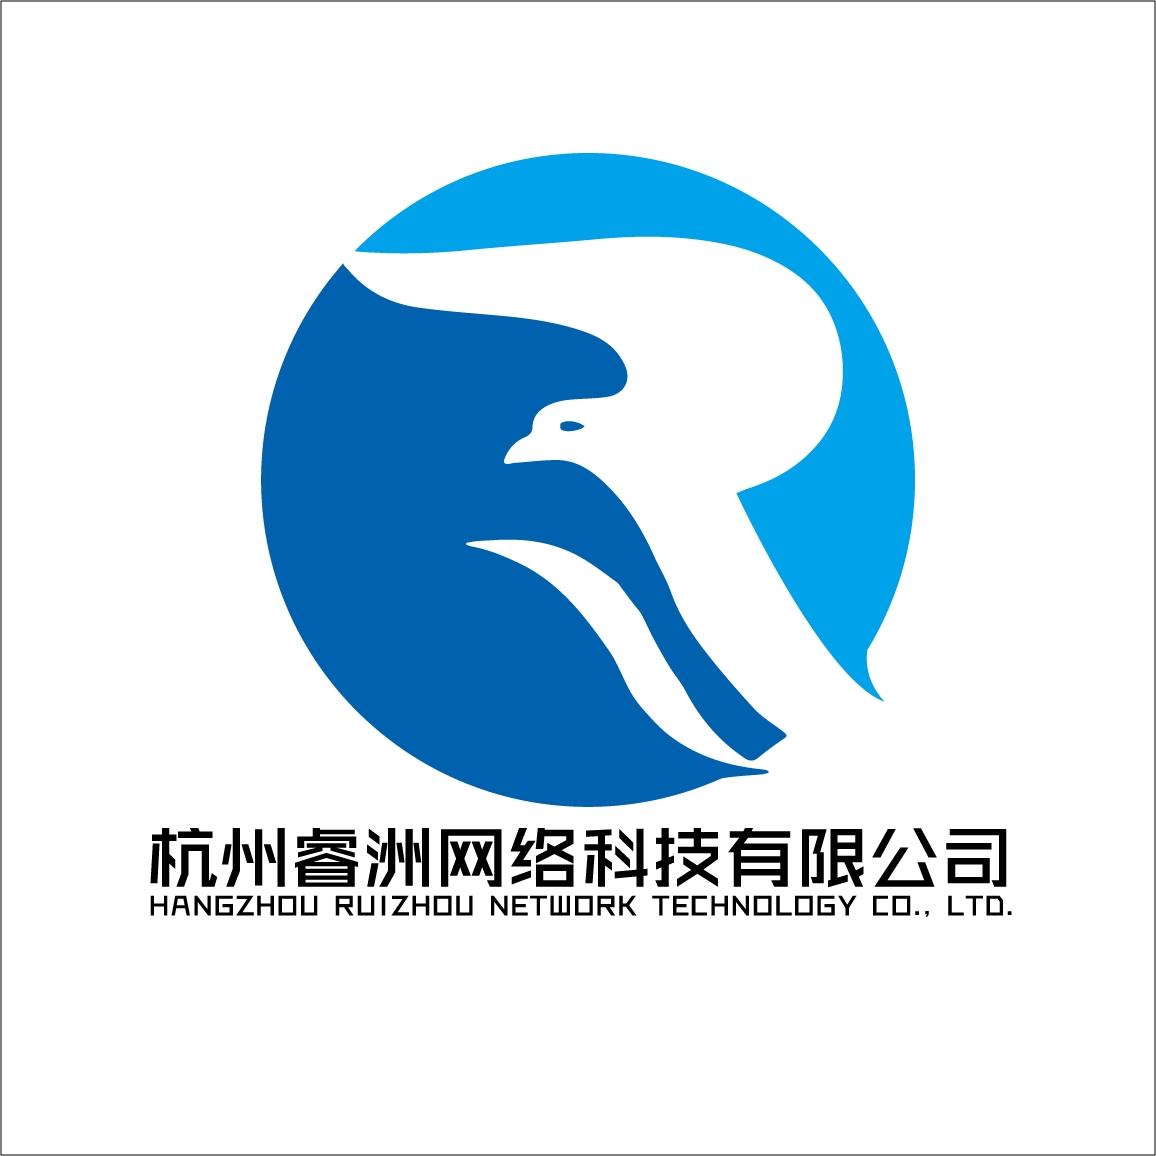 杭州睿洲网络科技有限公司